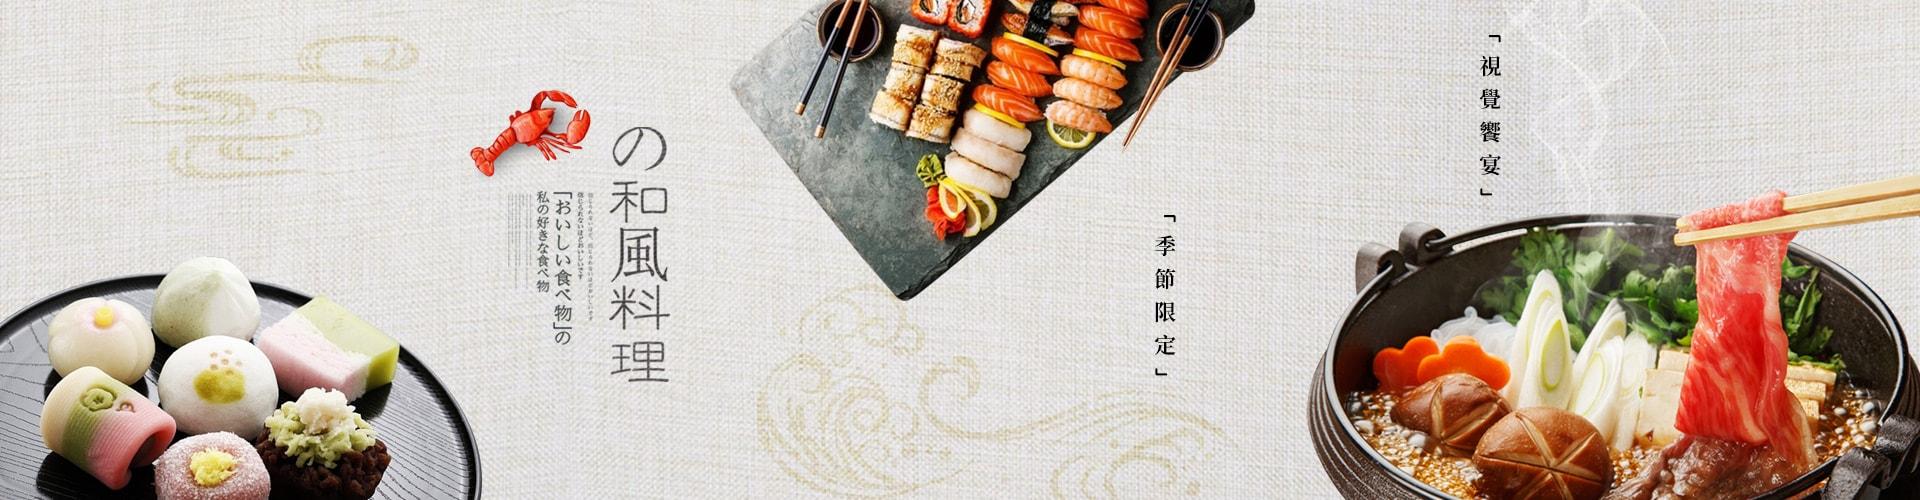 日本飲食習慣